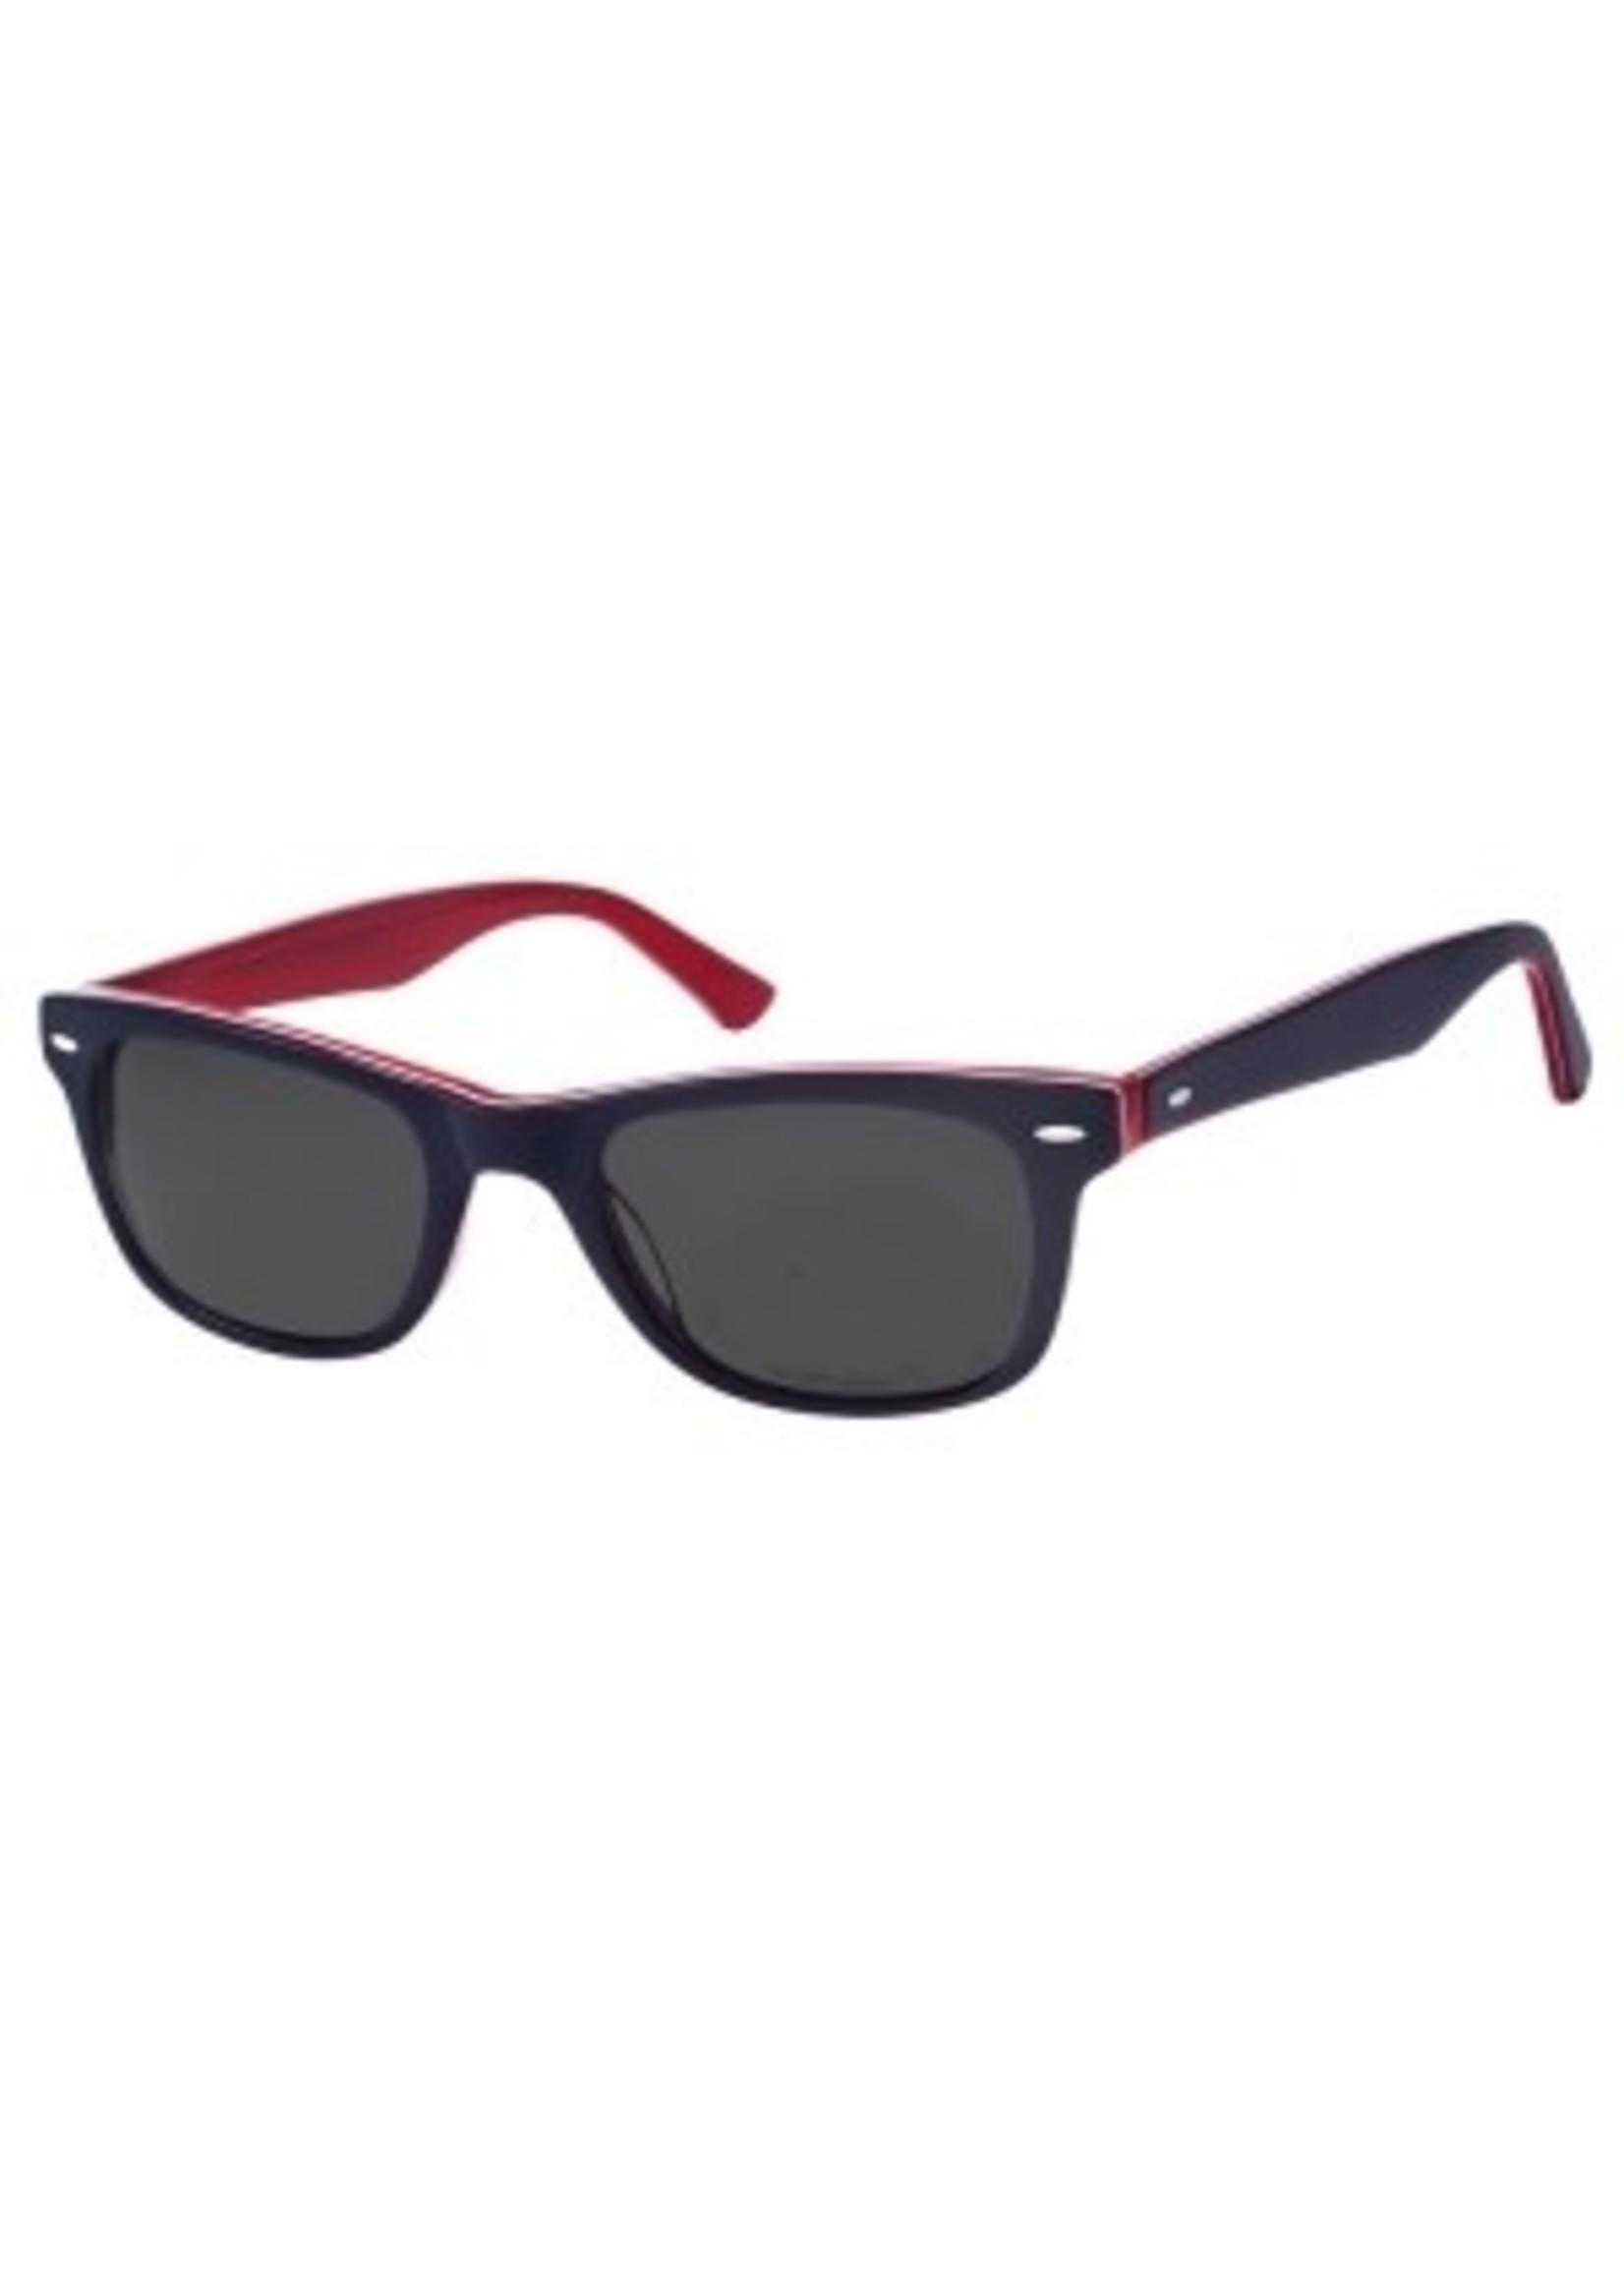 wayfarer leesbril in Navy blue/red